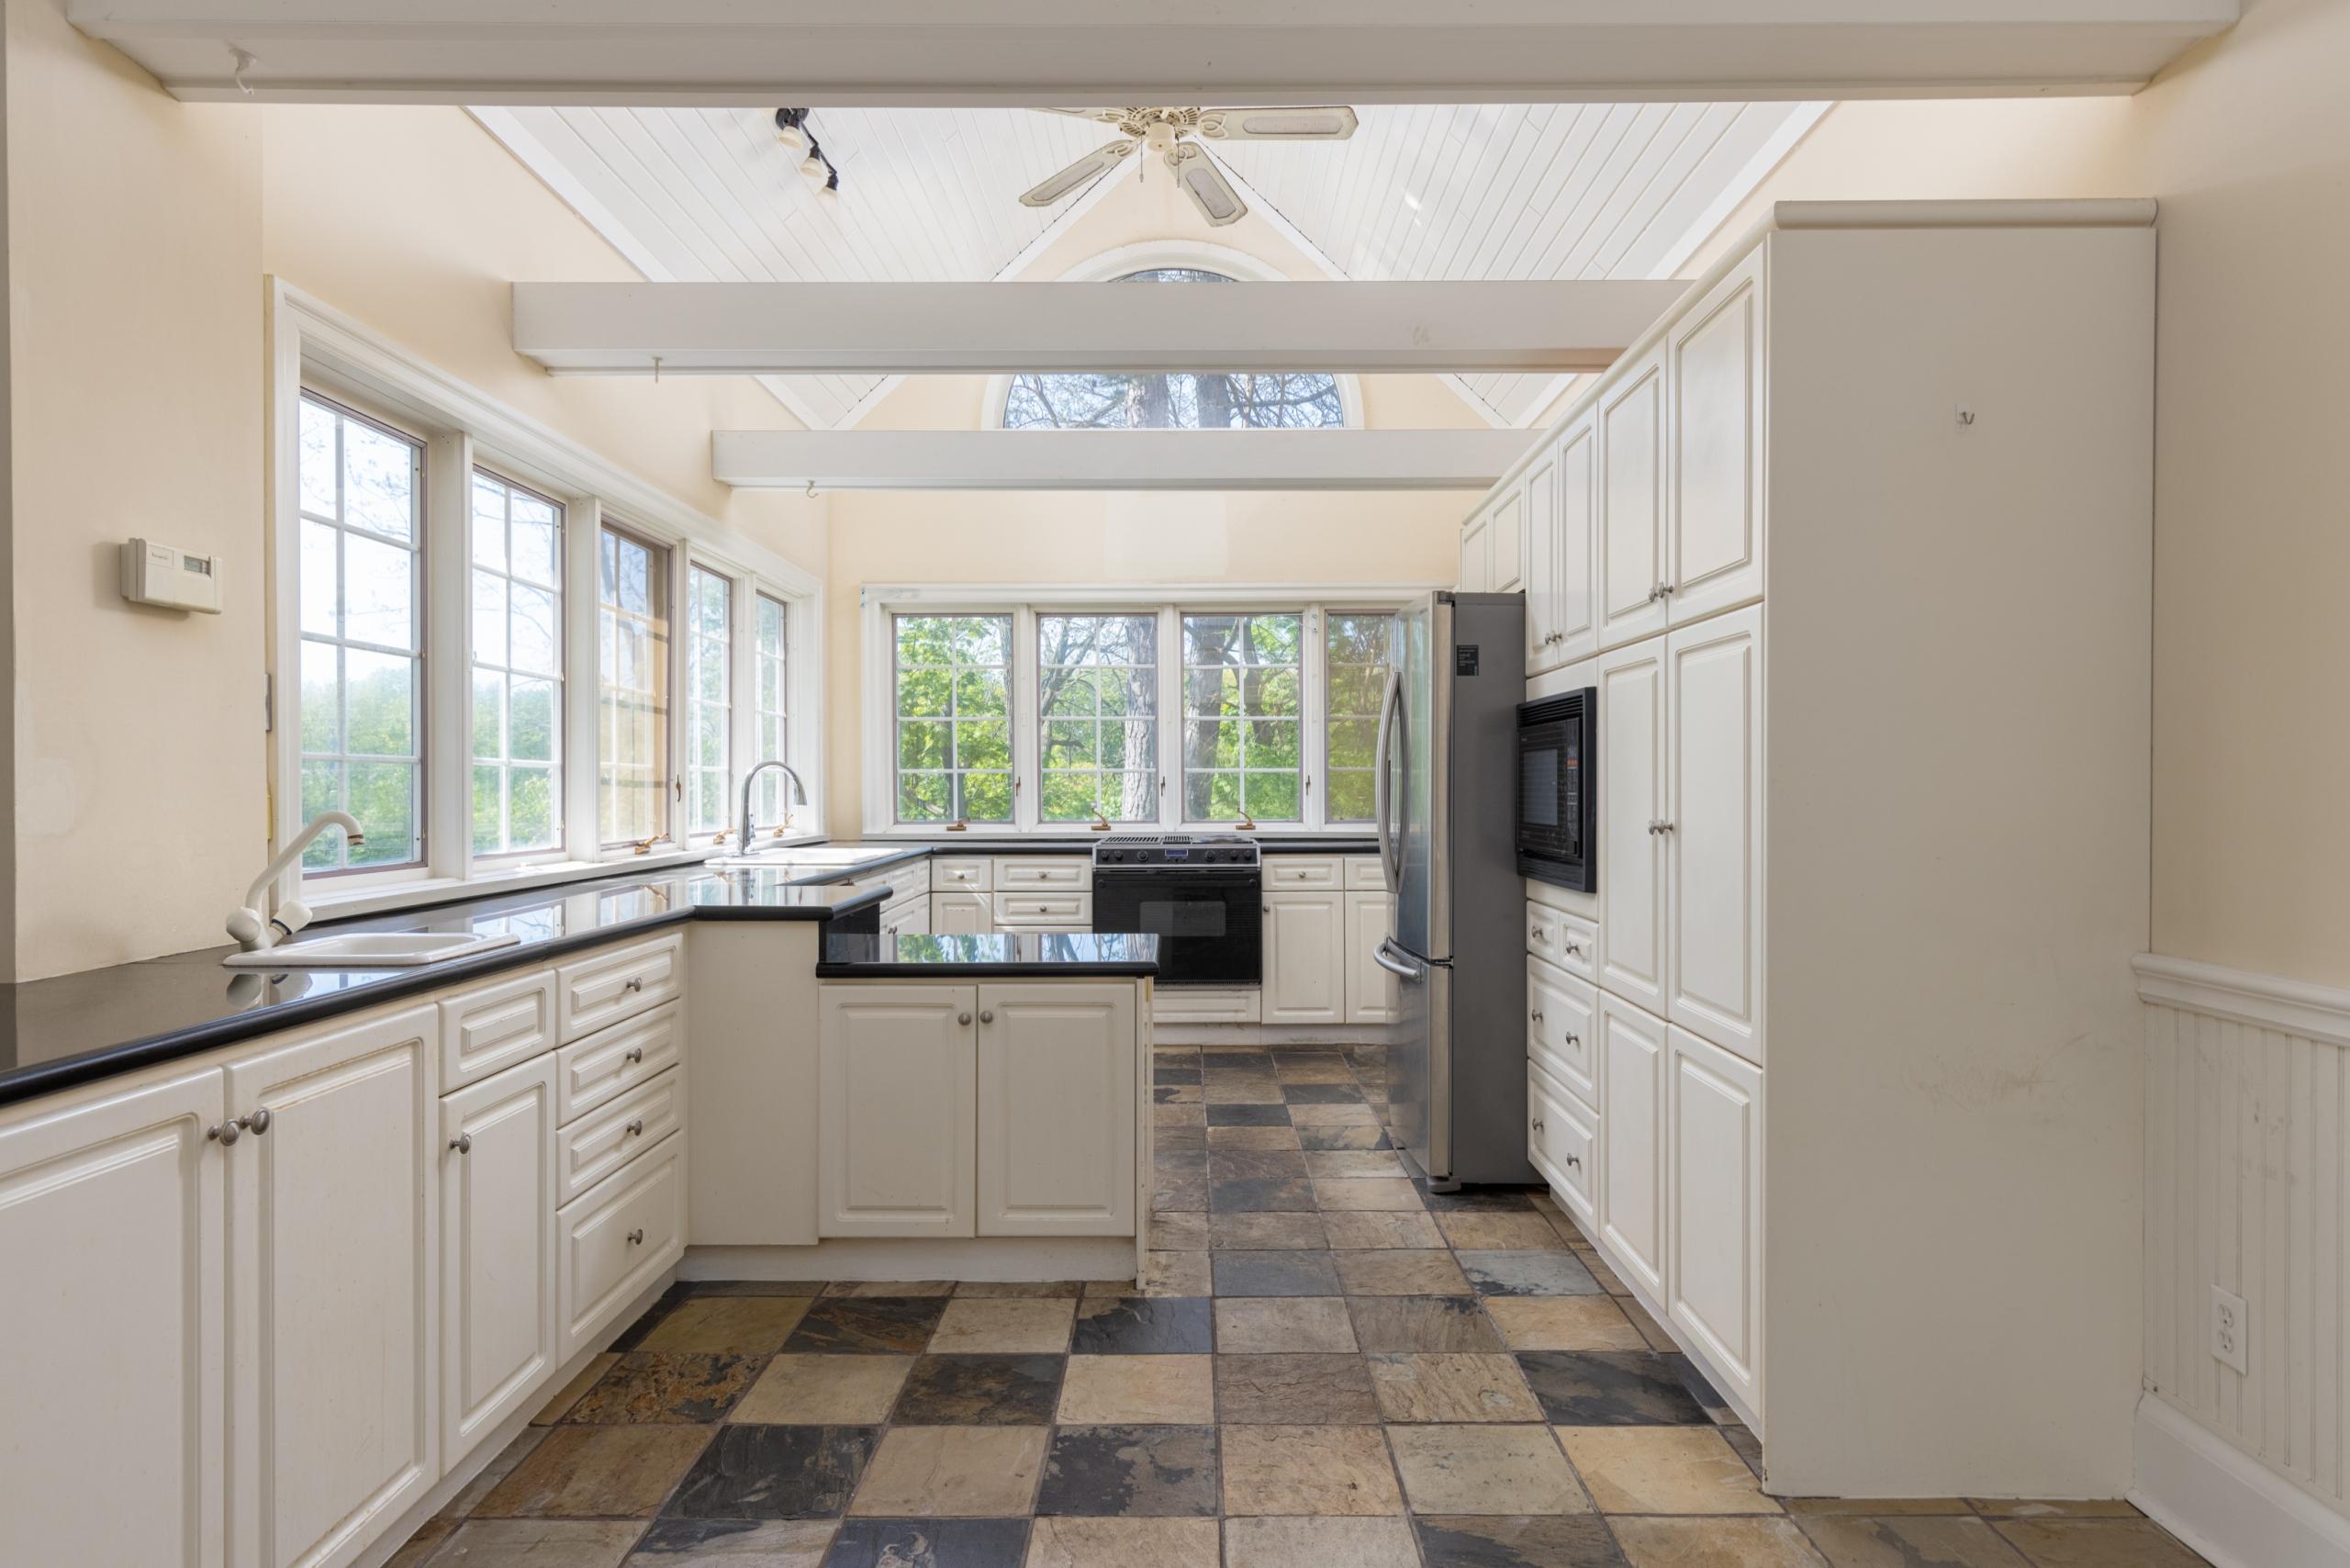 Kitchen featured at 416 Trafalgar Road, Oakville at Alex Irish & Associates